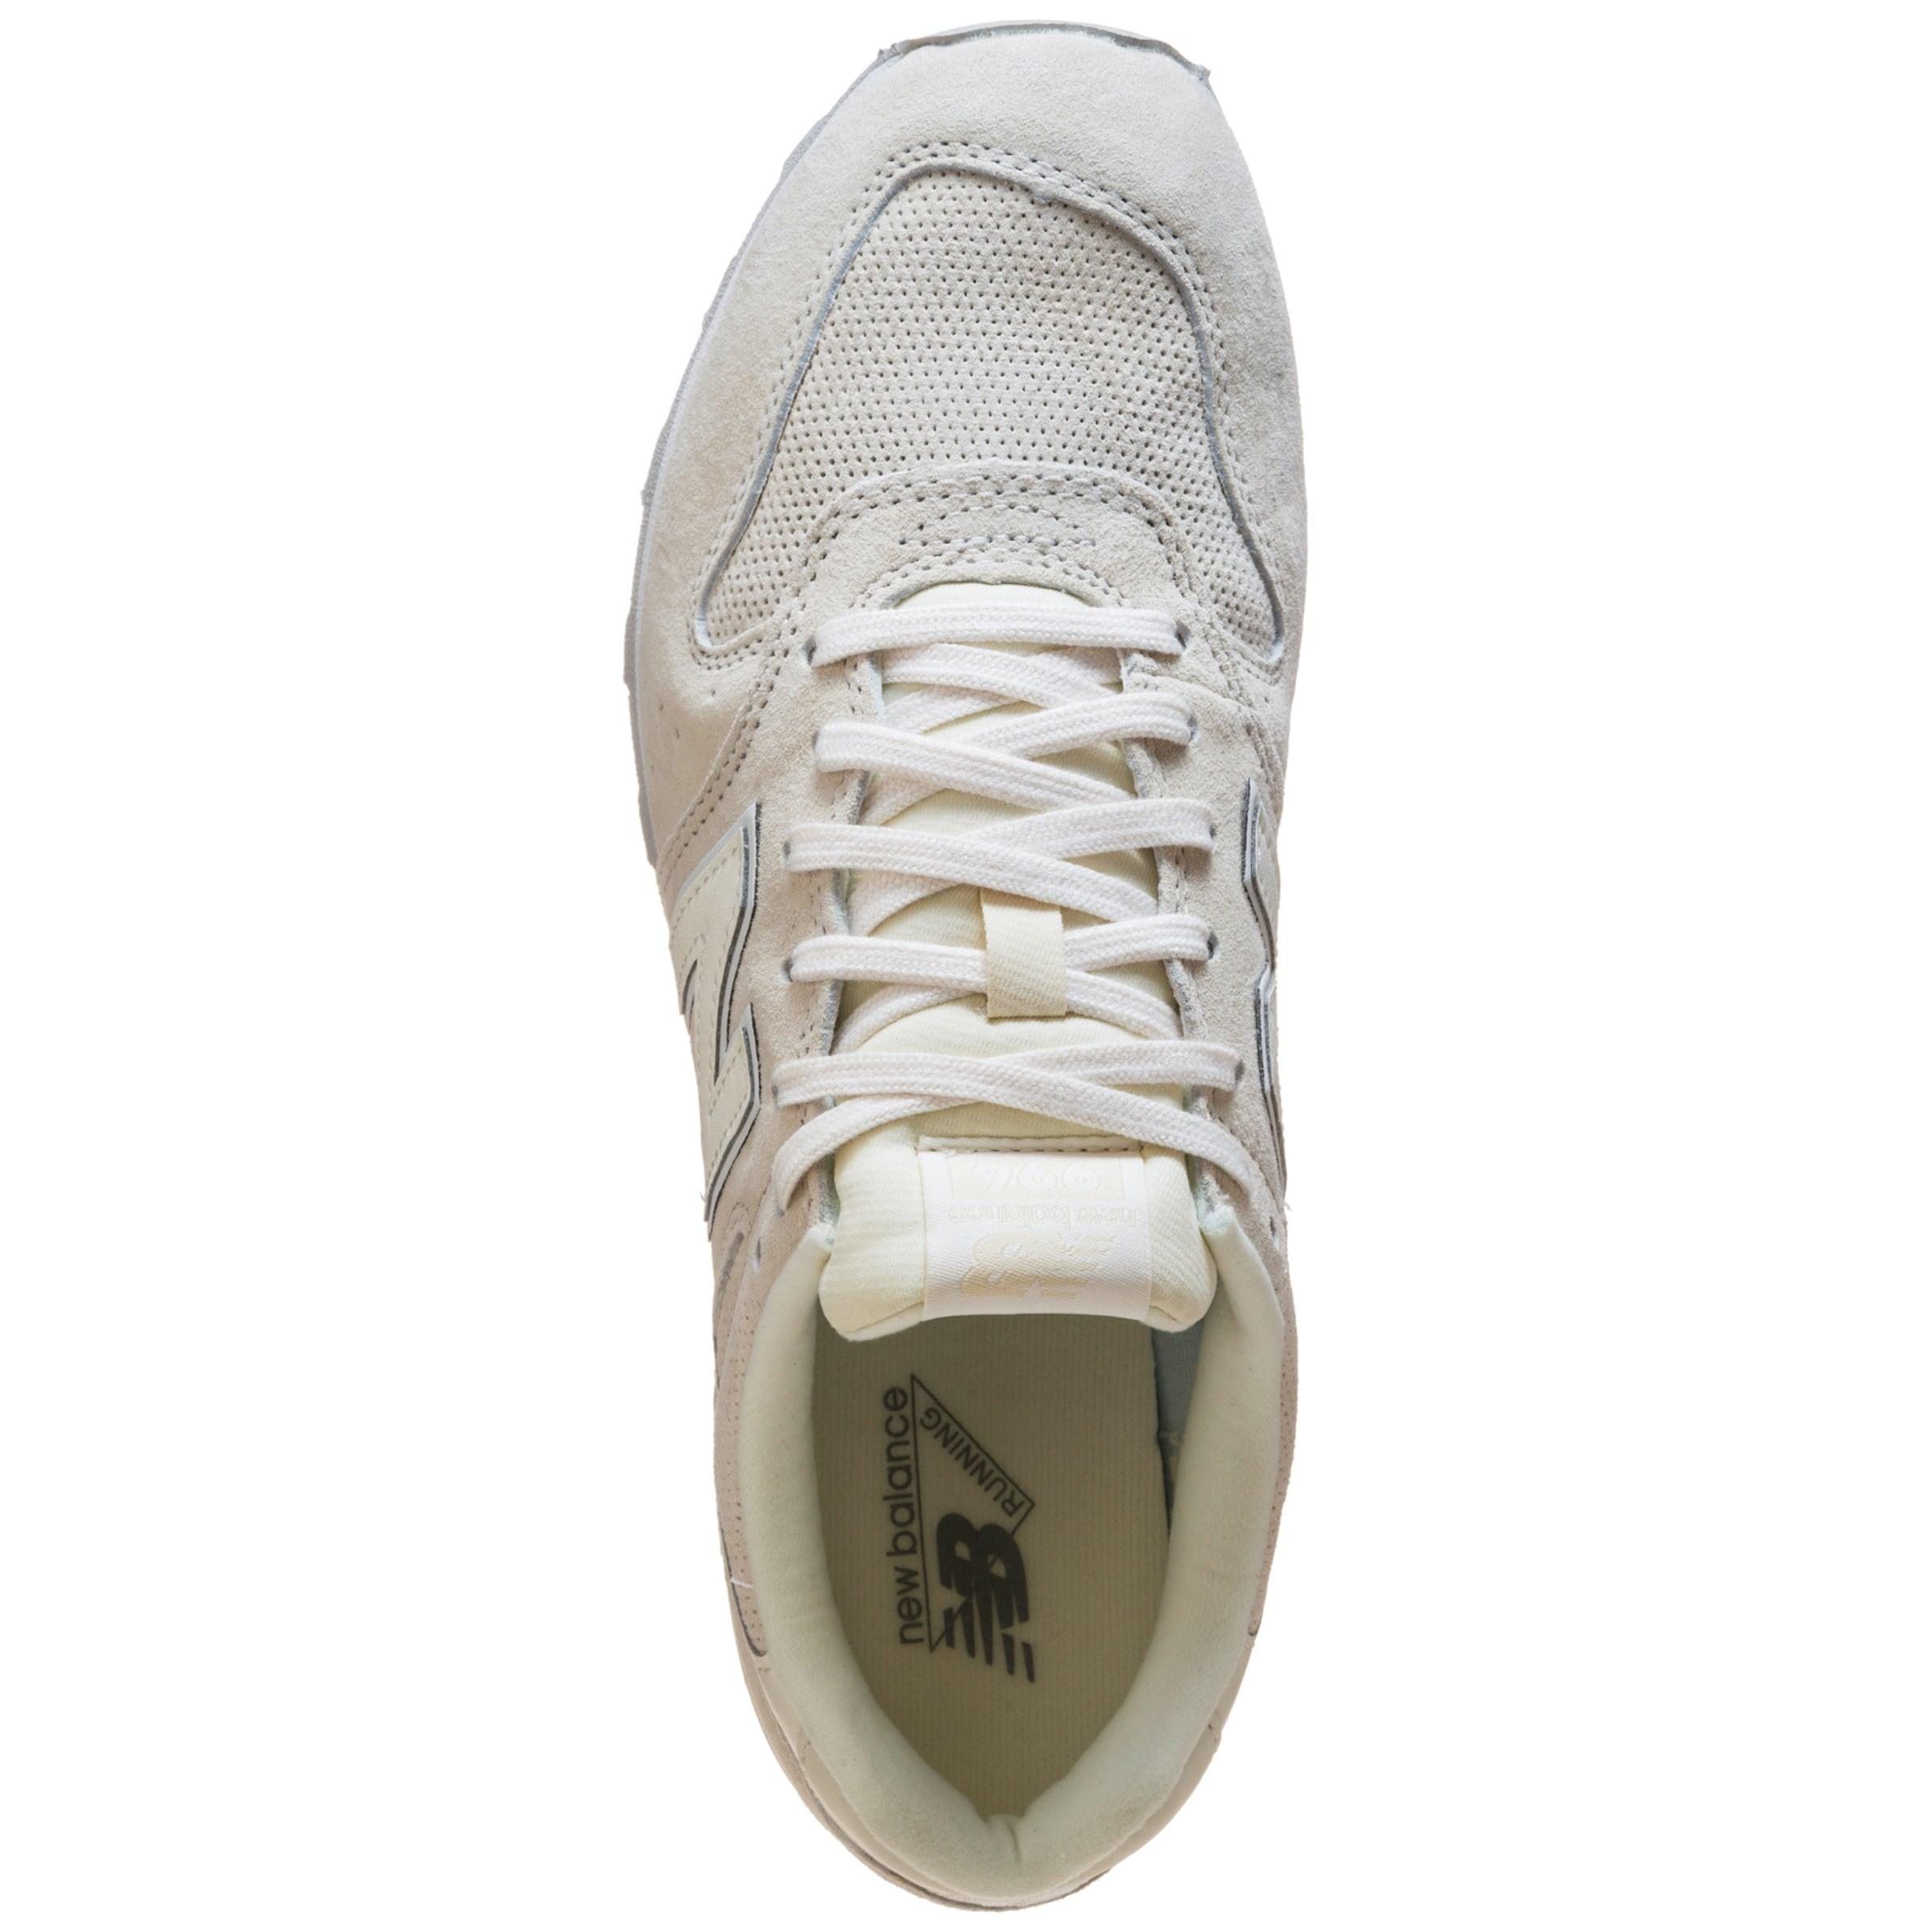 Geniue Händler Zum Verkauf new balance 'WR996-WPB-D' Sneaker Freies Verschiffen Zuverlässig Billig Verkauf Beste Preise Billig Original eD4LJpR